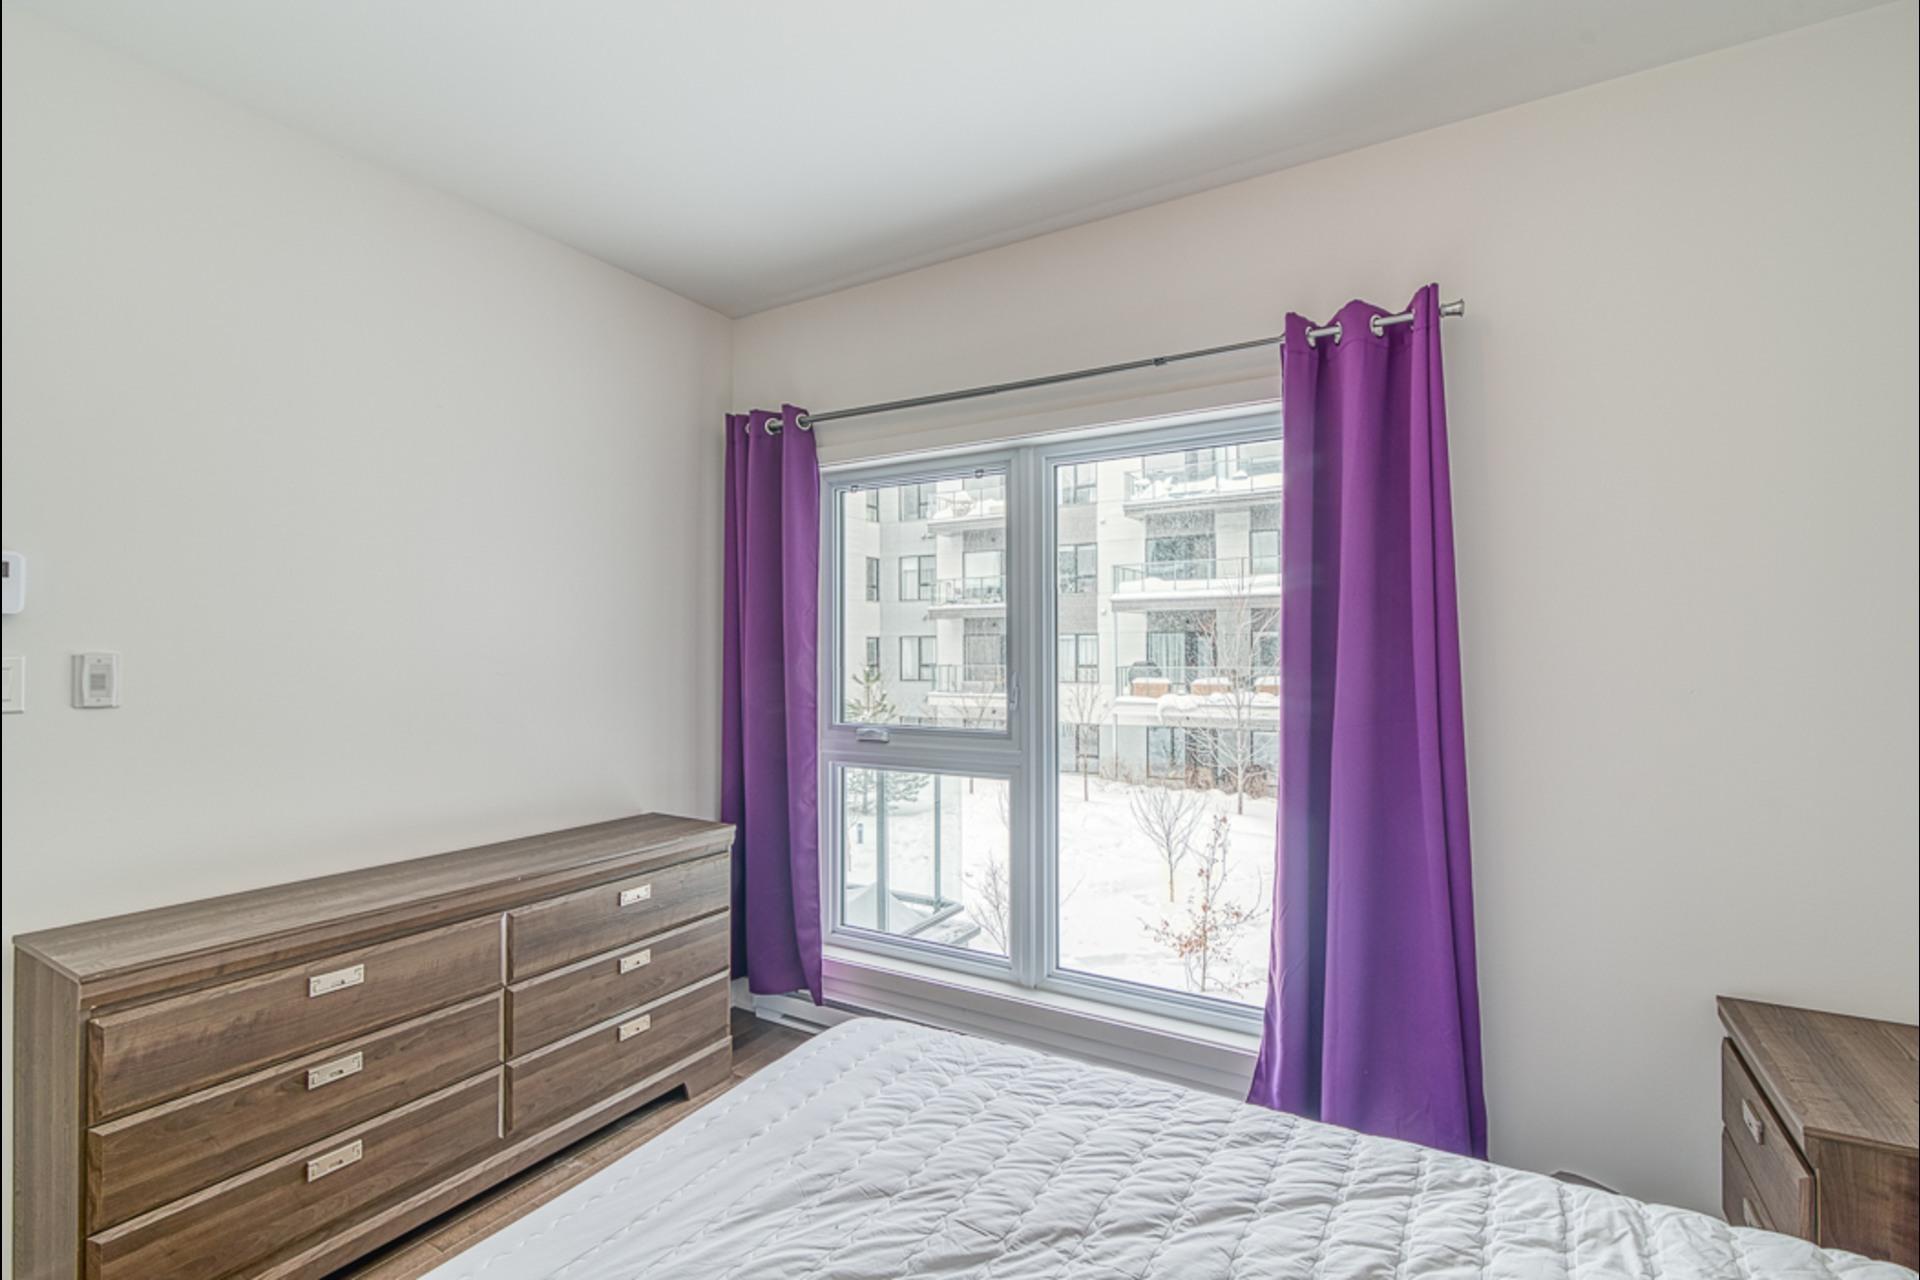 image 10 - MX - Condominio vertical - MX Para alquiler Montréal - 3 habitaciones